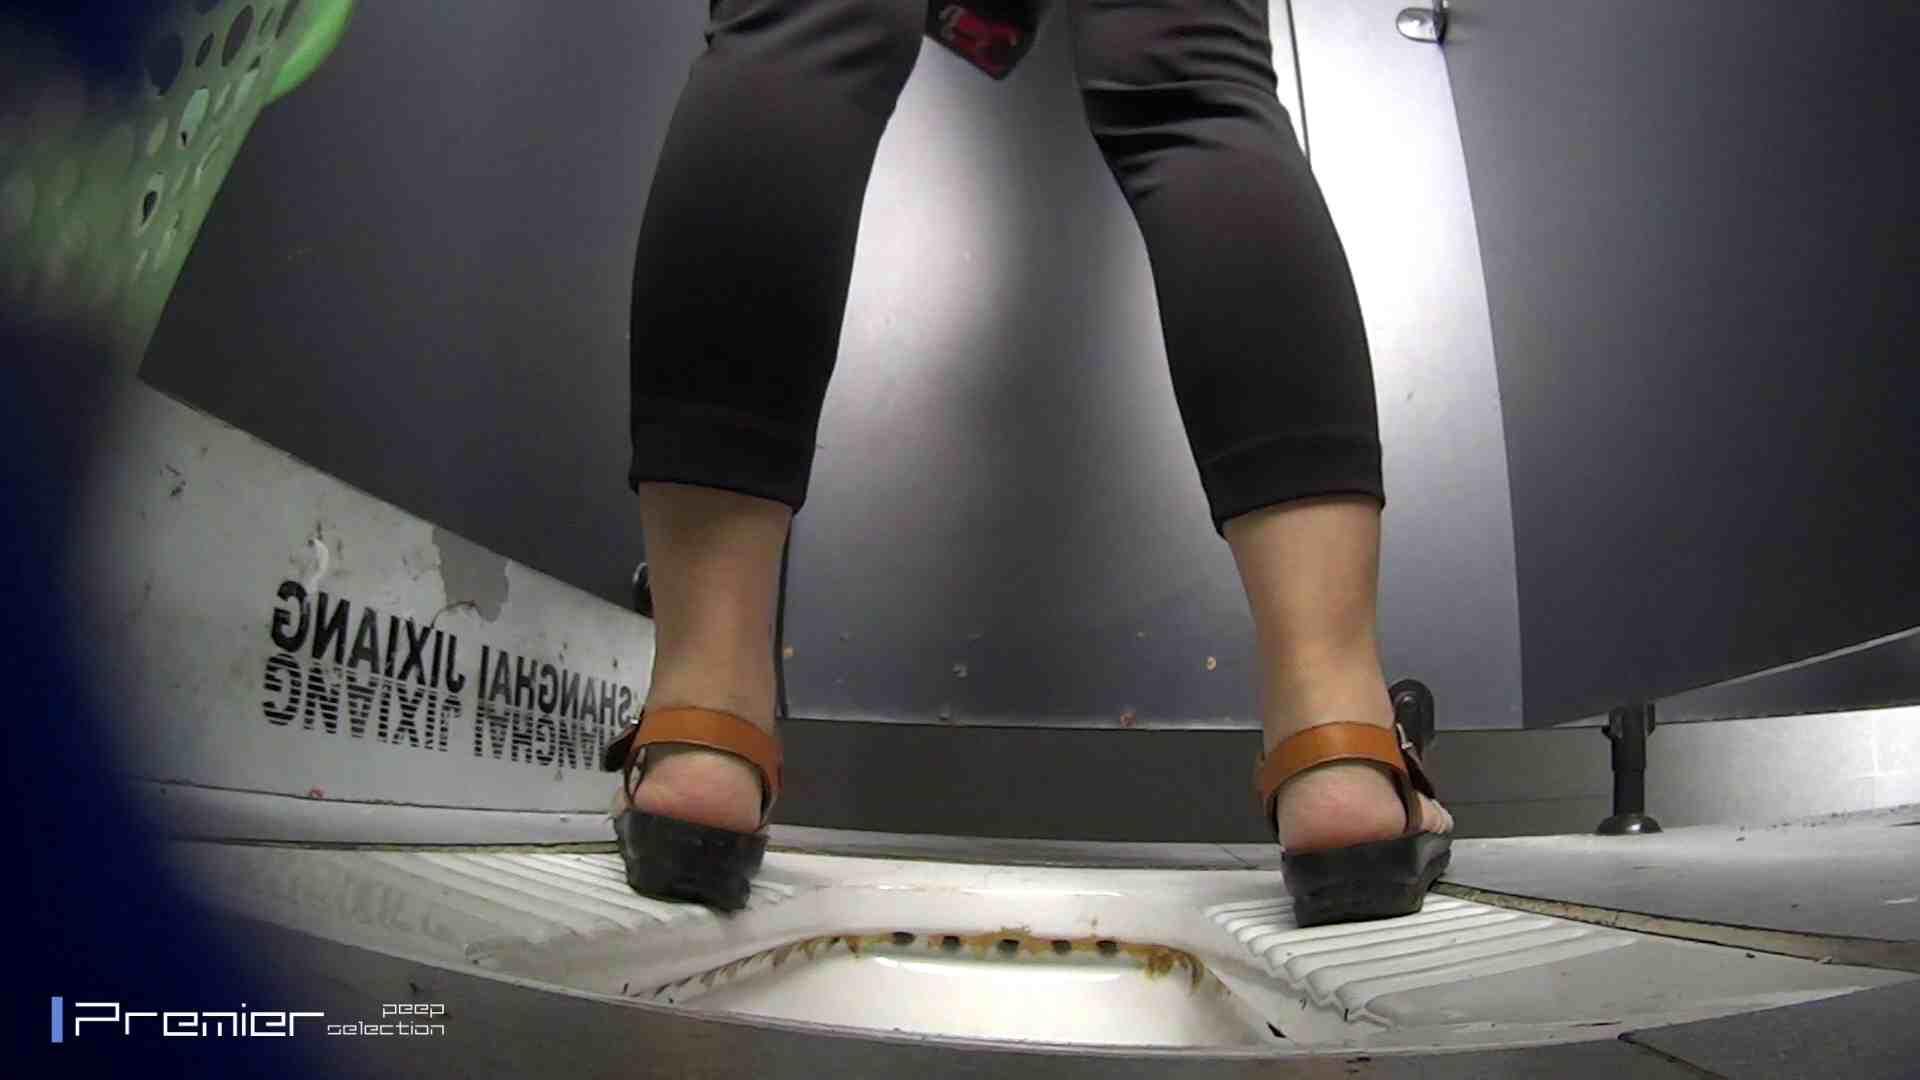 夏全開!ハーフパンツのギャル達 大学休憩時間の洗面所事情44 盗撮  70PIX 25